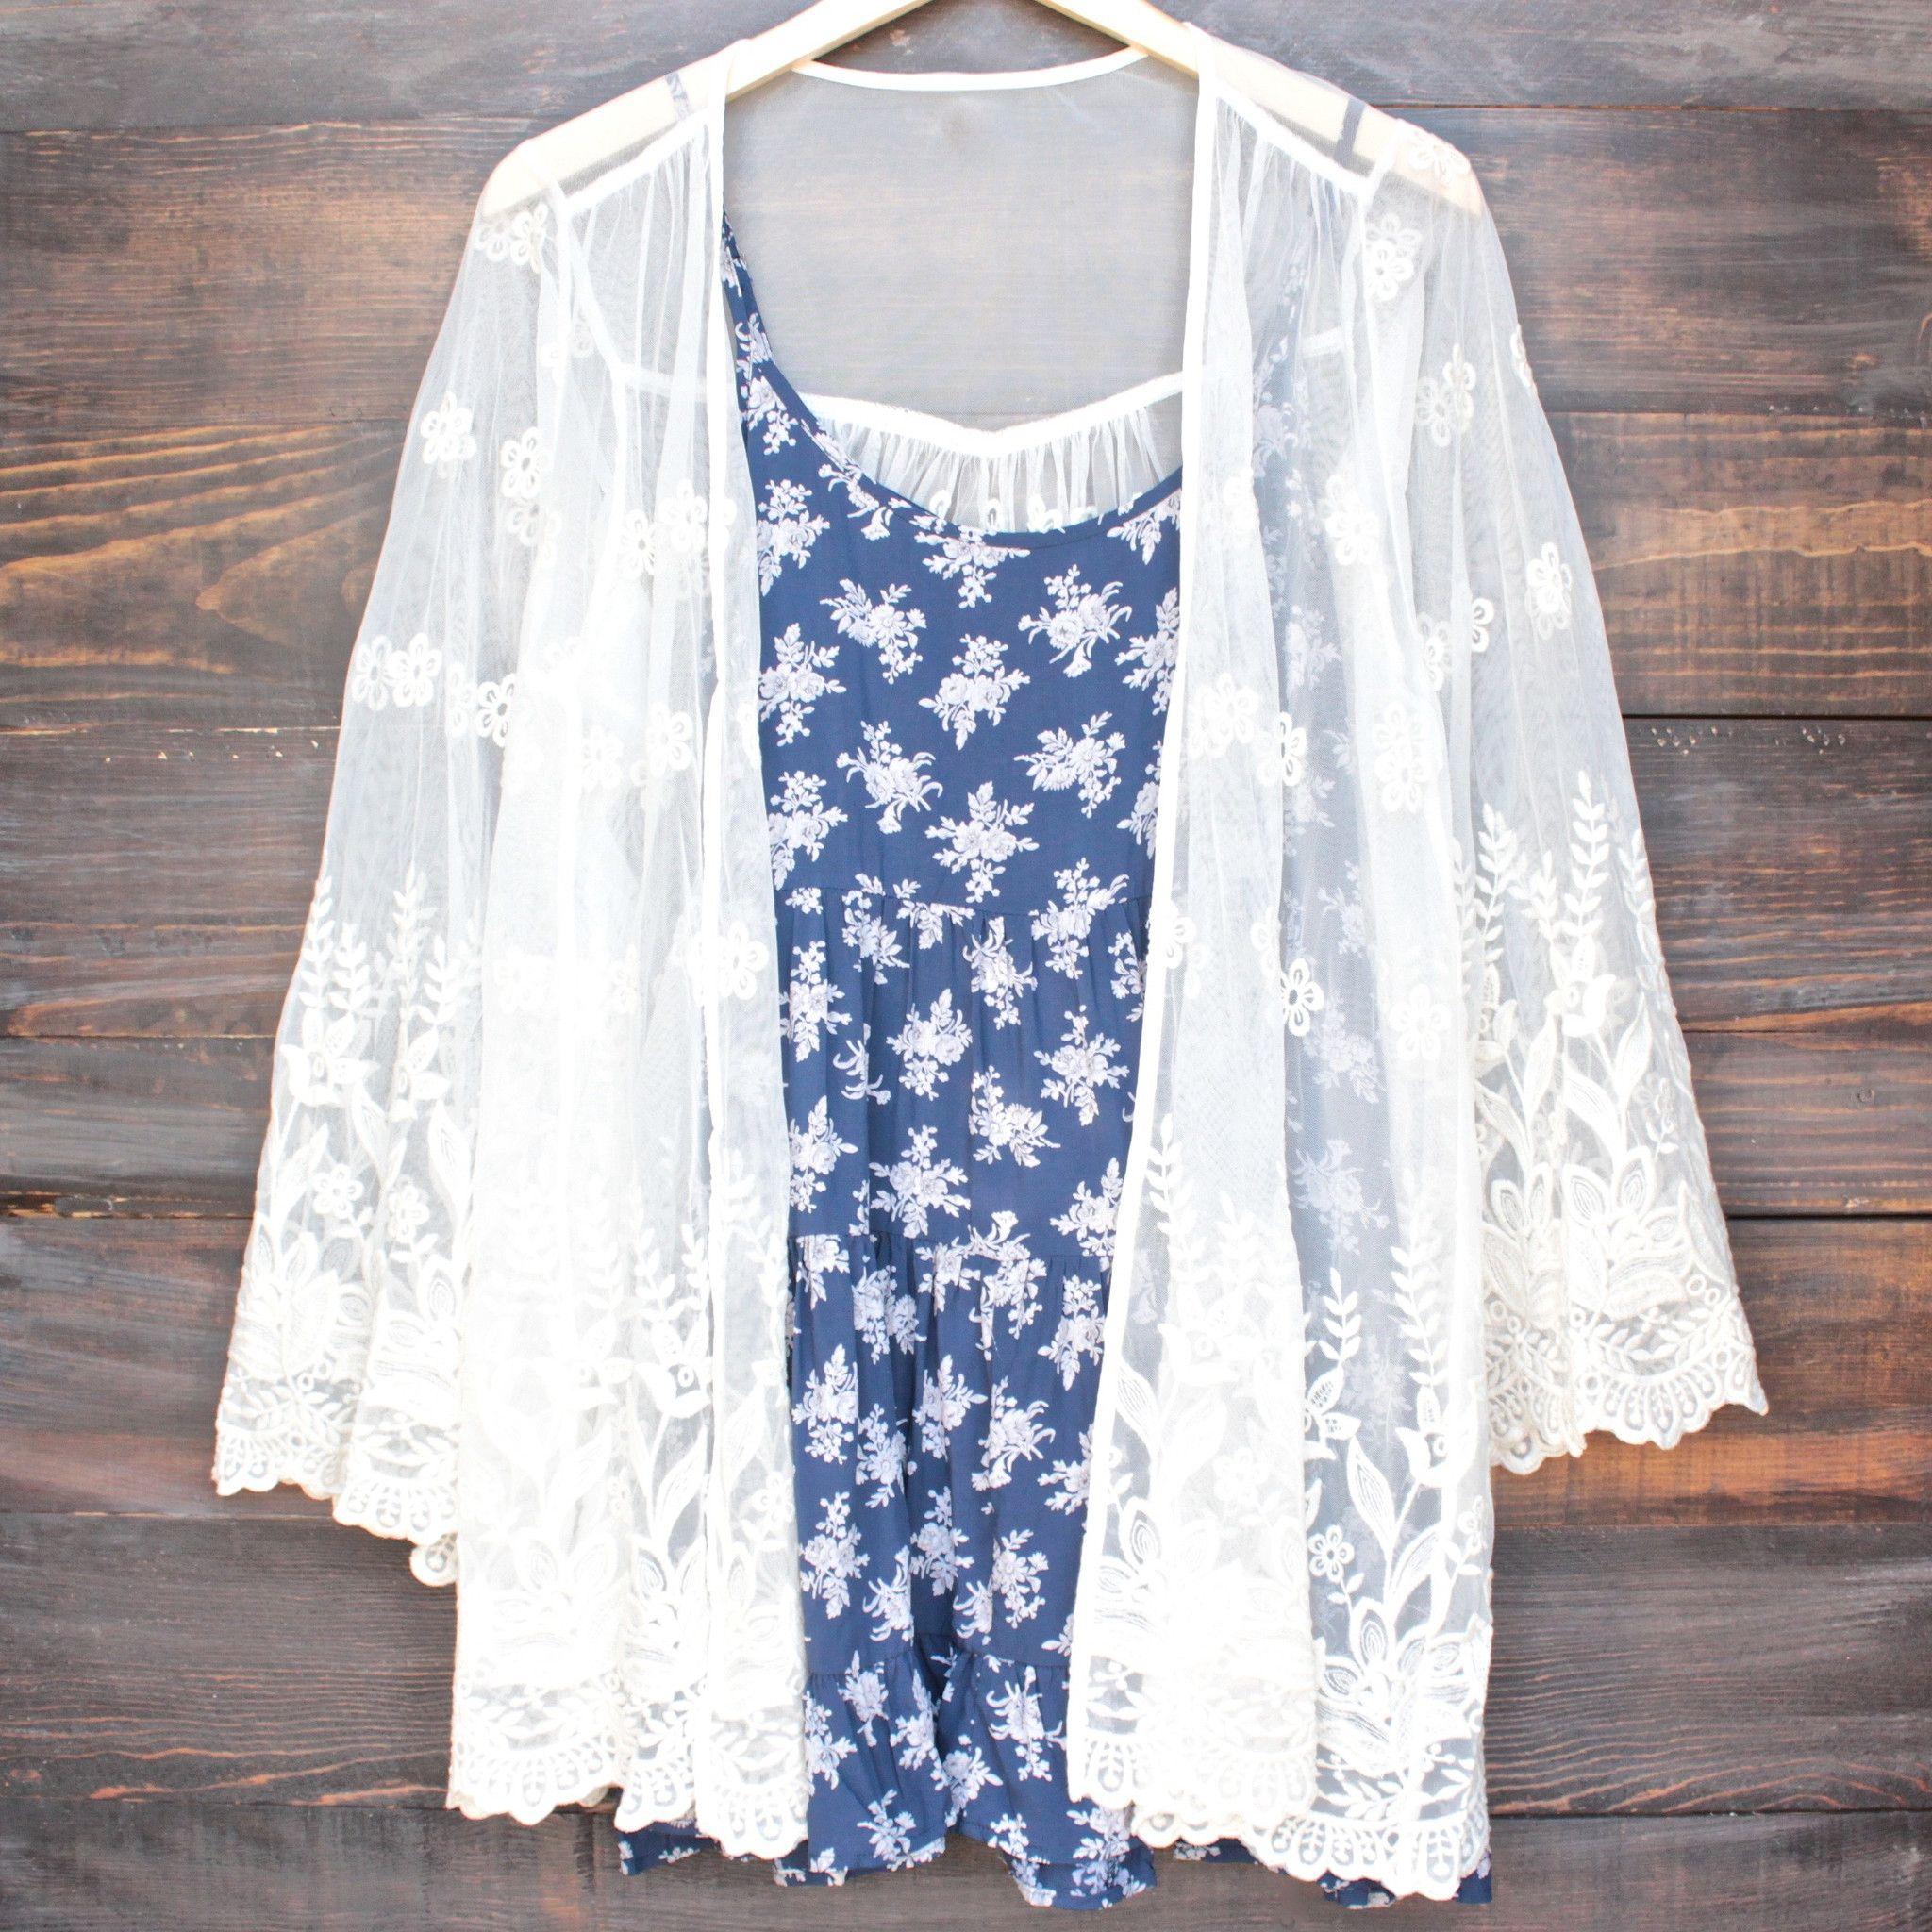 Semi sheer lace kimono jacket in cream | Lace kimono, Kimono ...